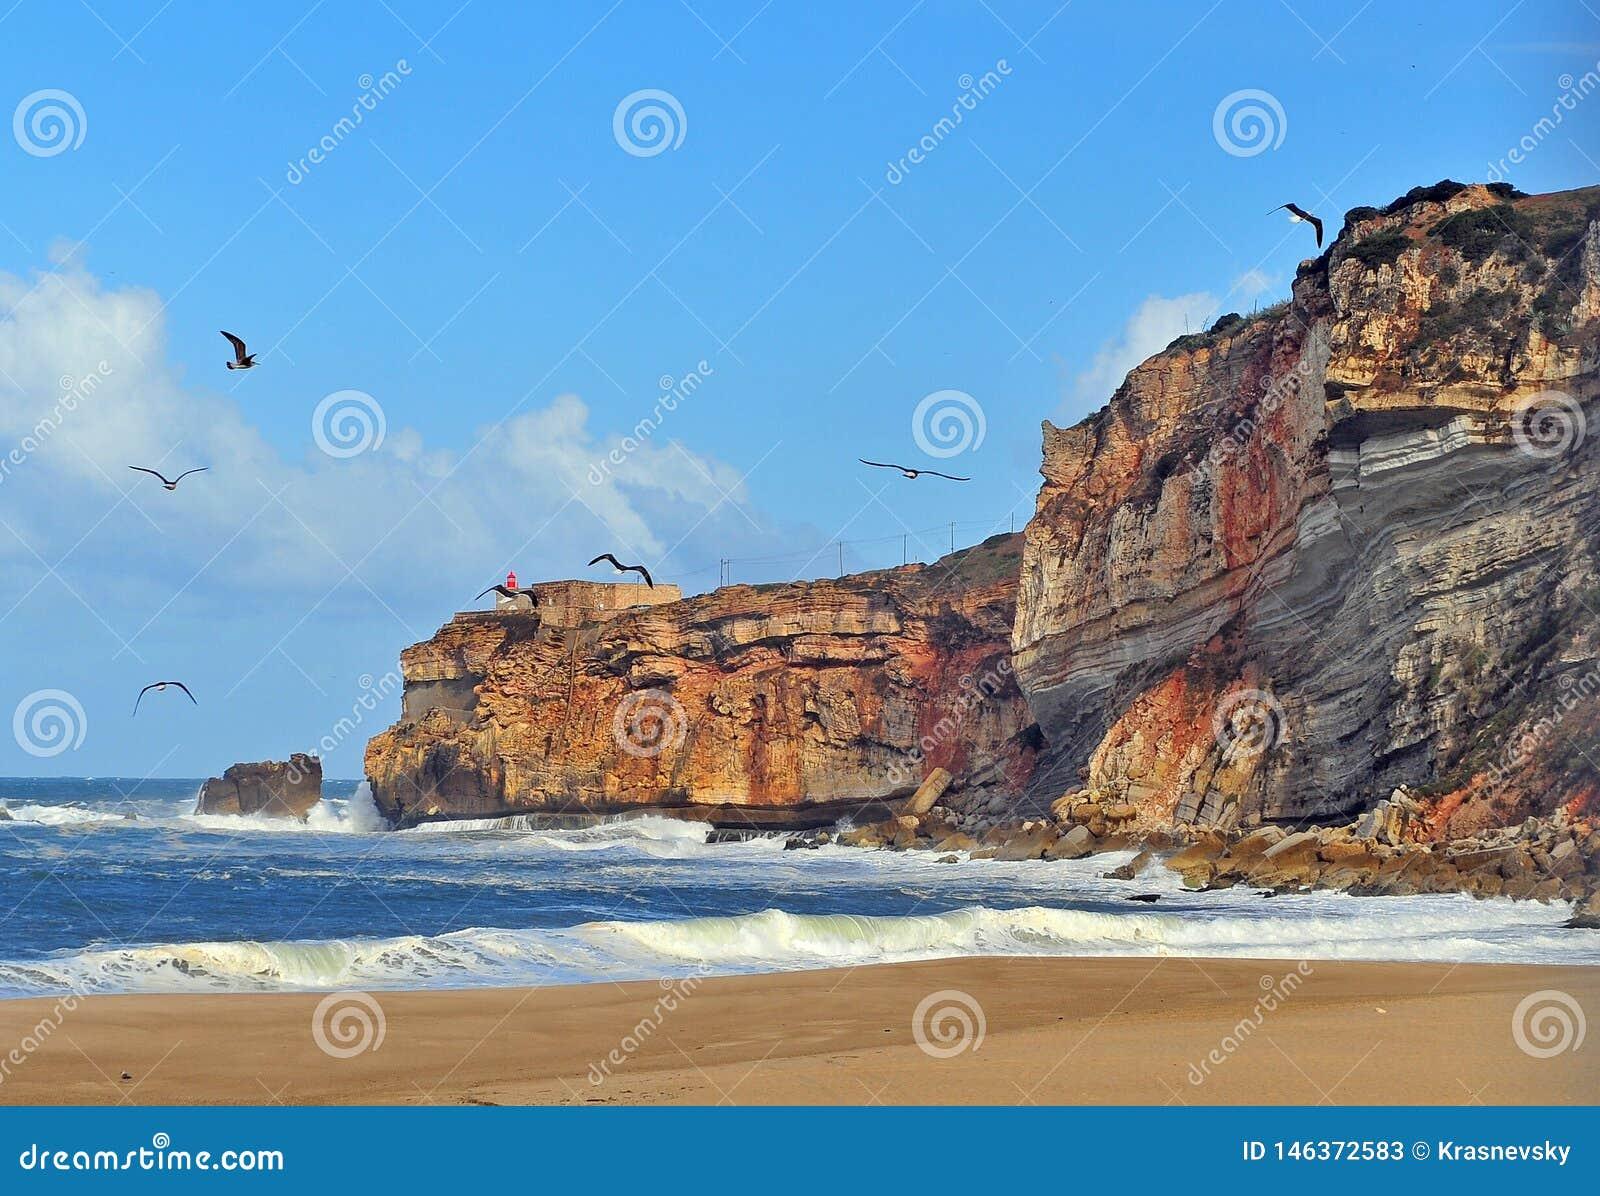 Seagulls on the beach of Nazare